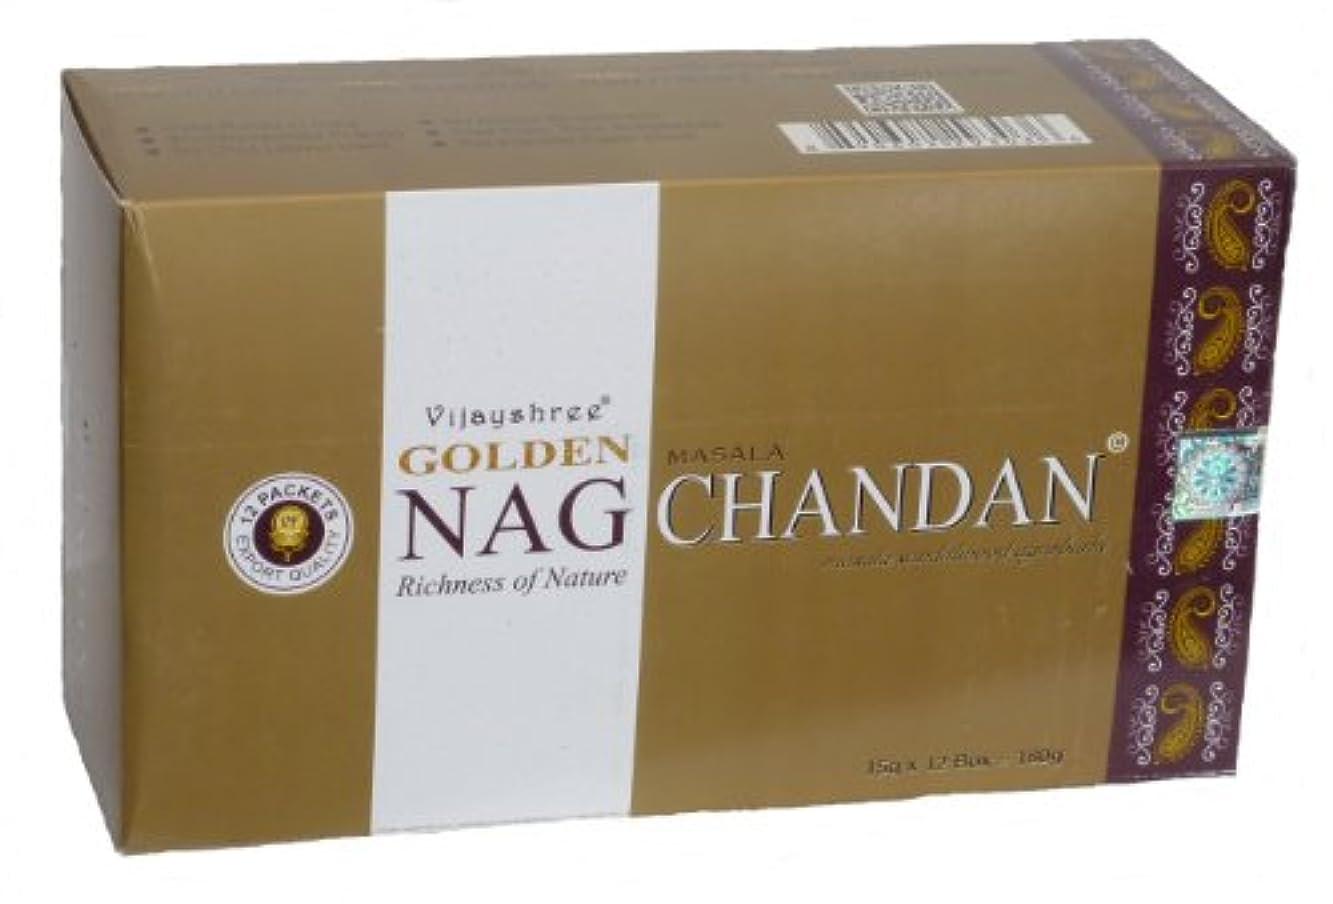 熟練した鉱夫そばに180 gms Box of GOLDEN NAG CHANDAN Masala Agarbathi Incense Sticks - in stock and shipped by Busy Bits by Golden...